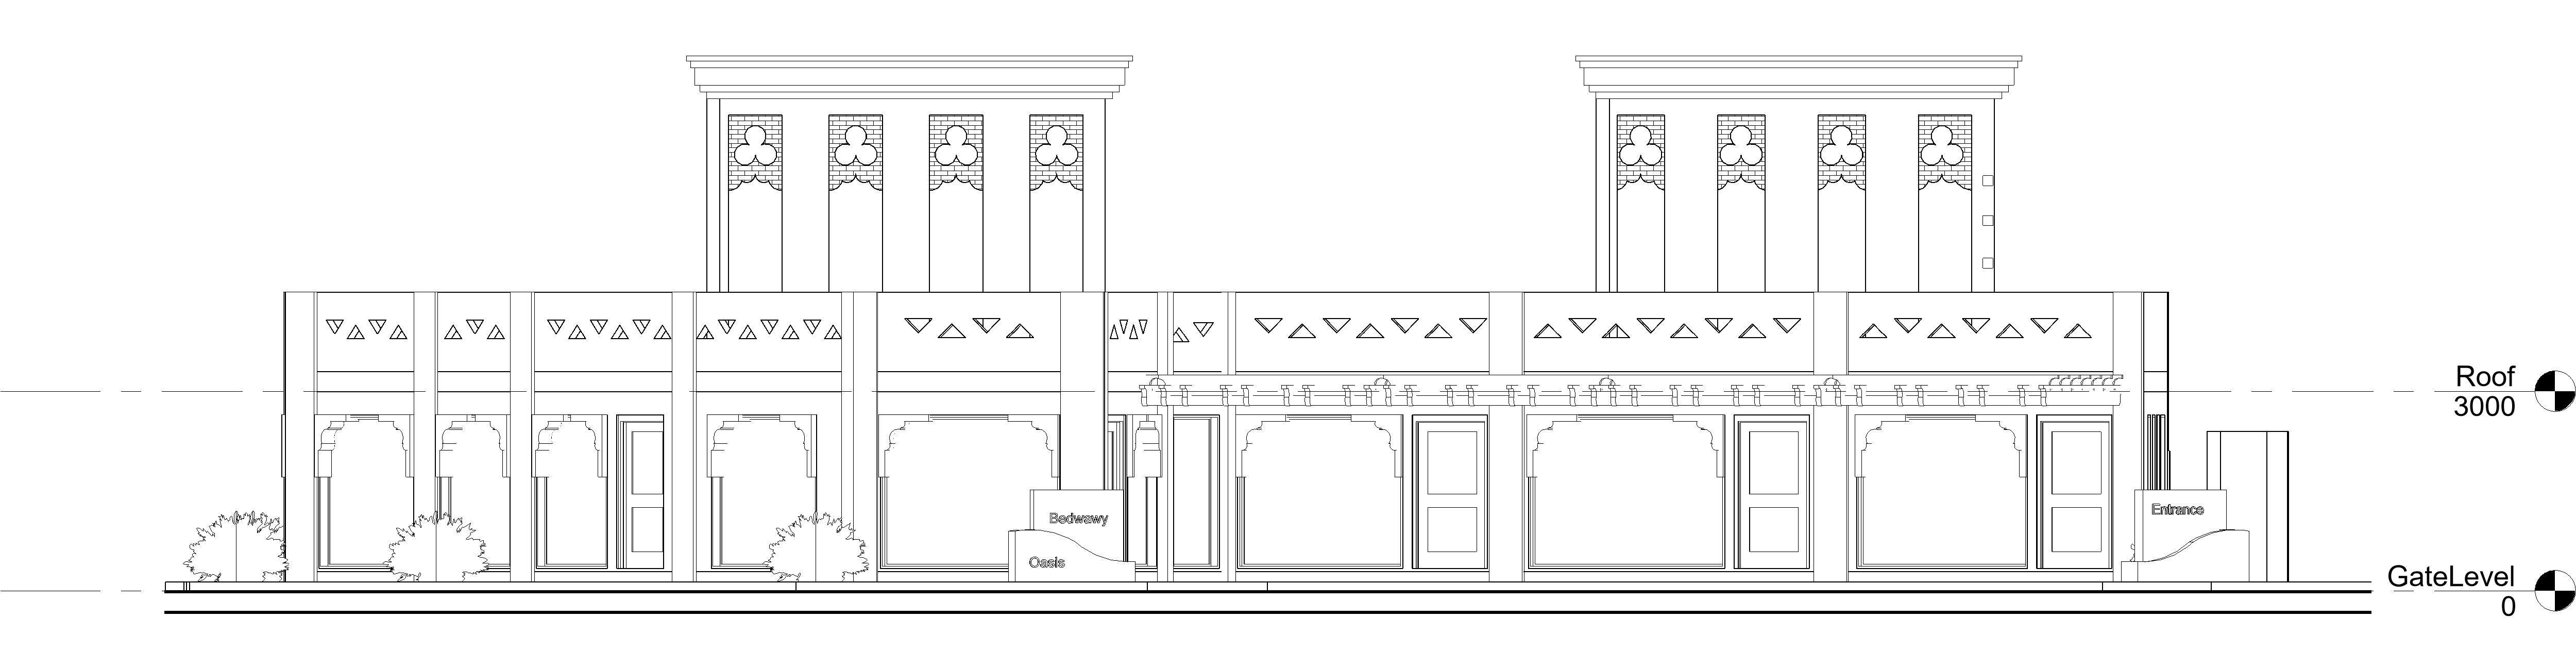 Hatta Concept 1